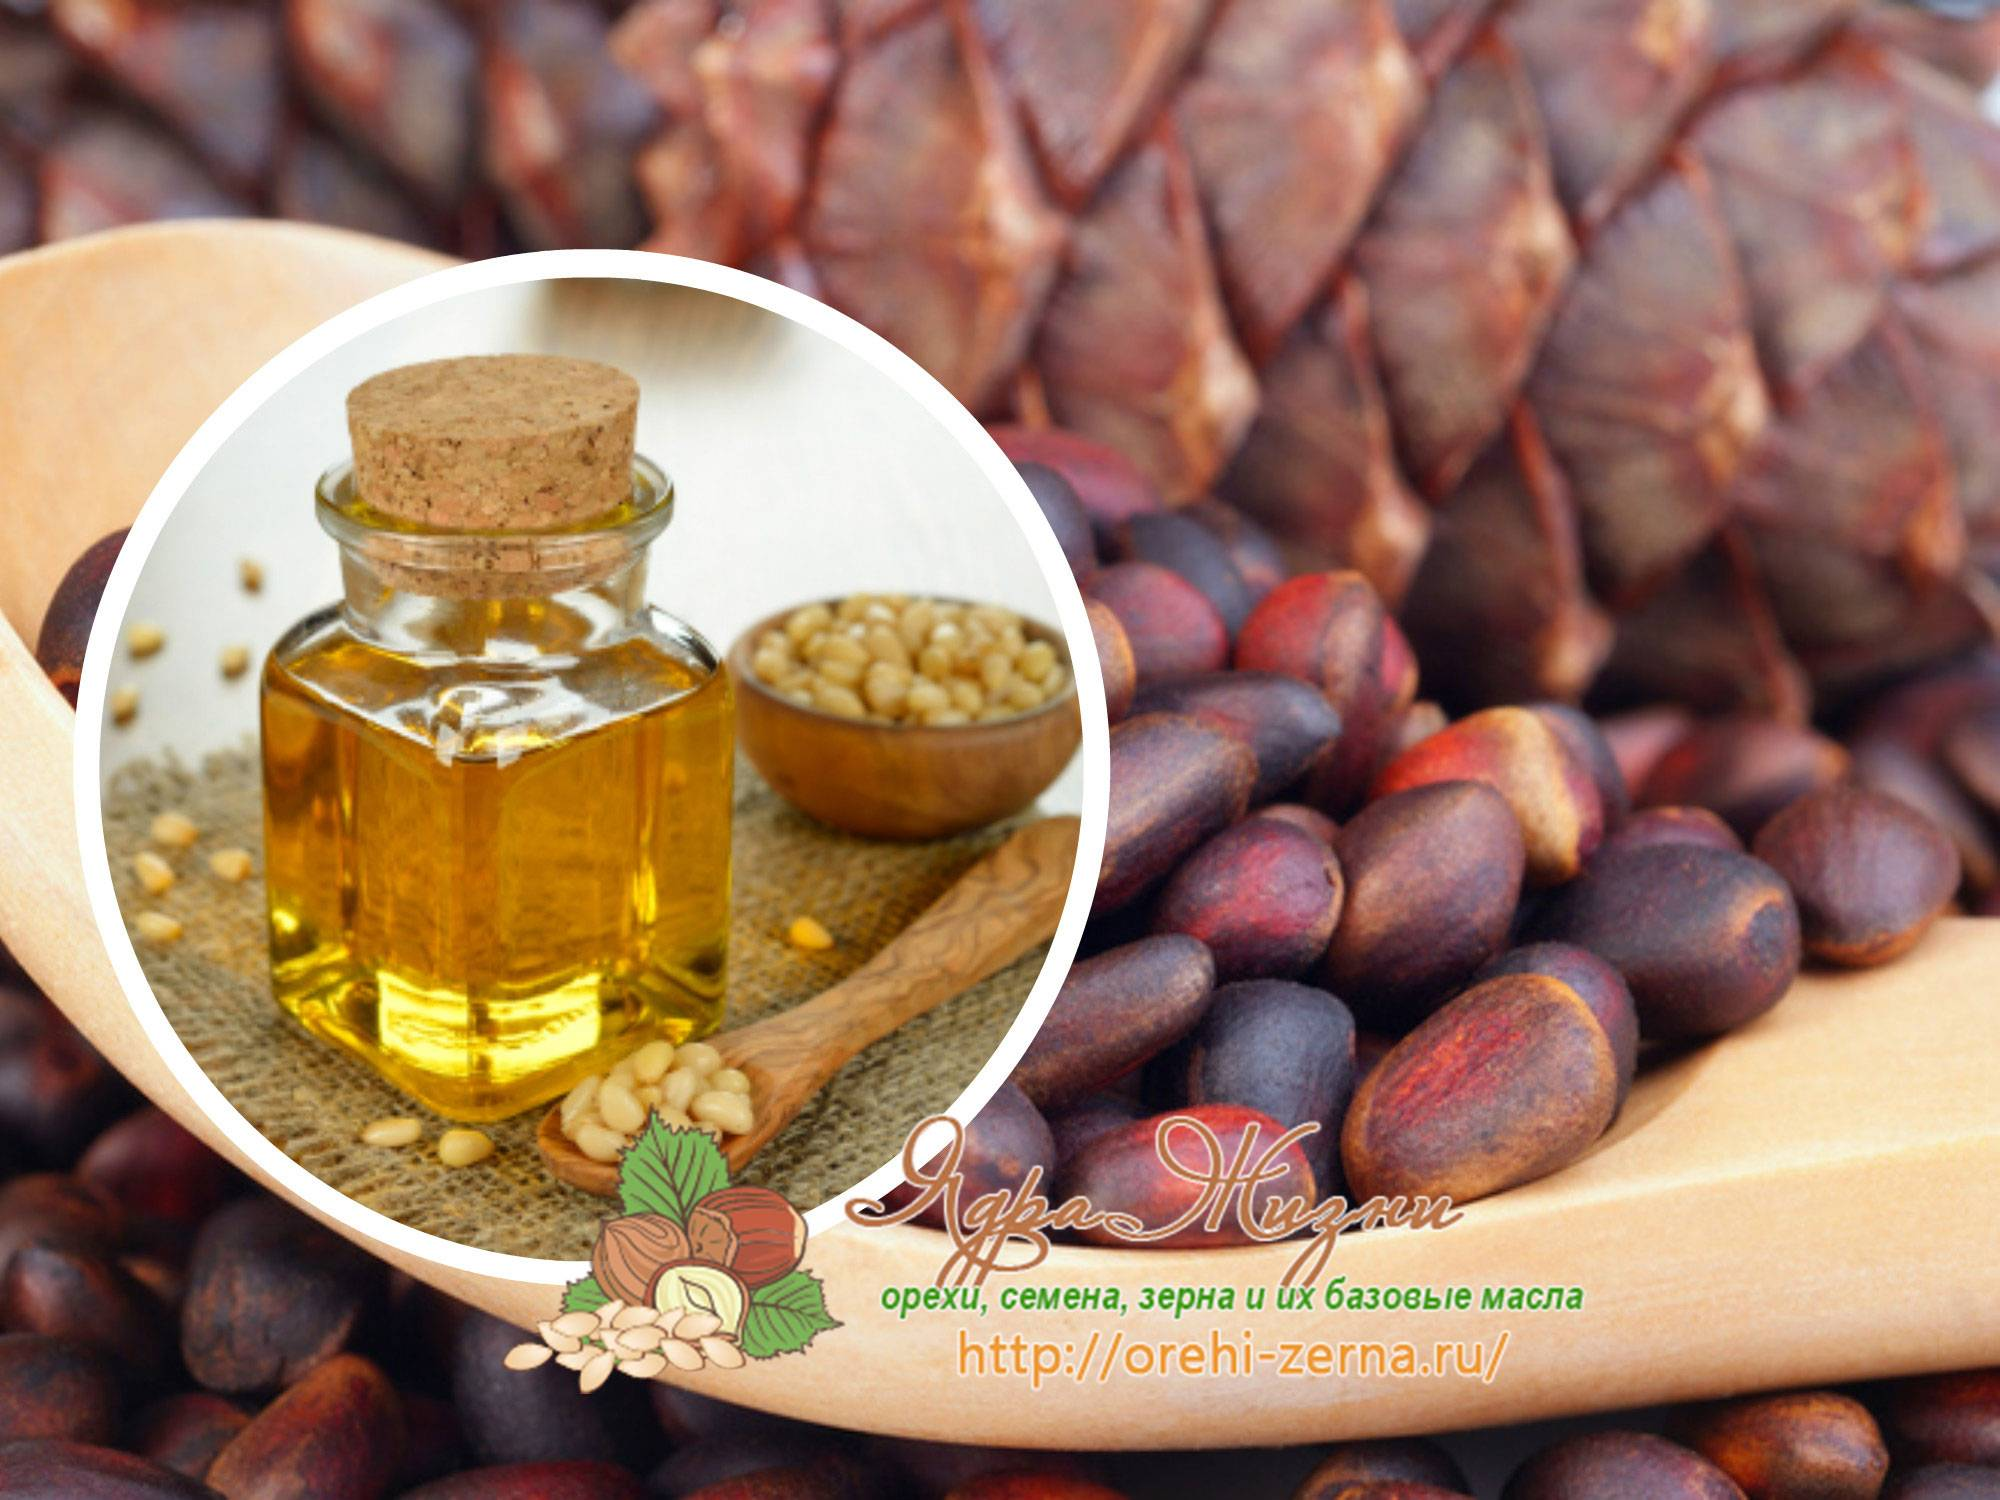 Кедровые орехи: ценность продукта, польза и вред для организма